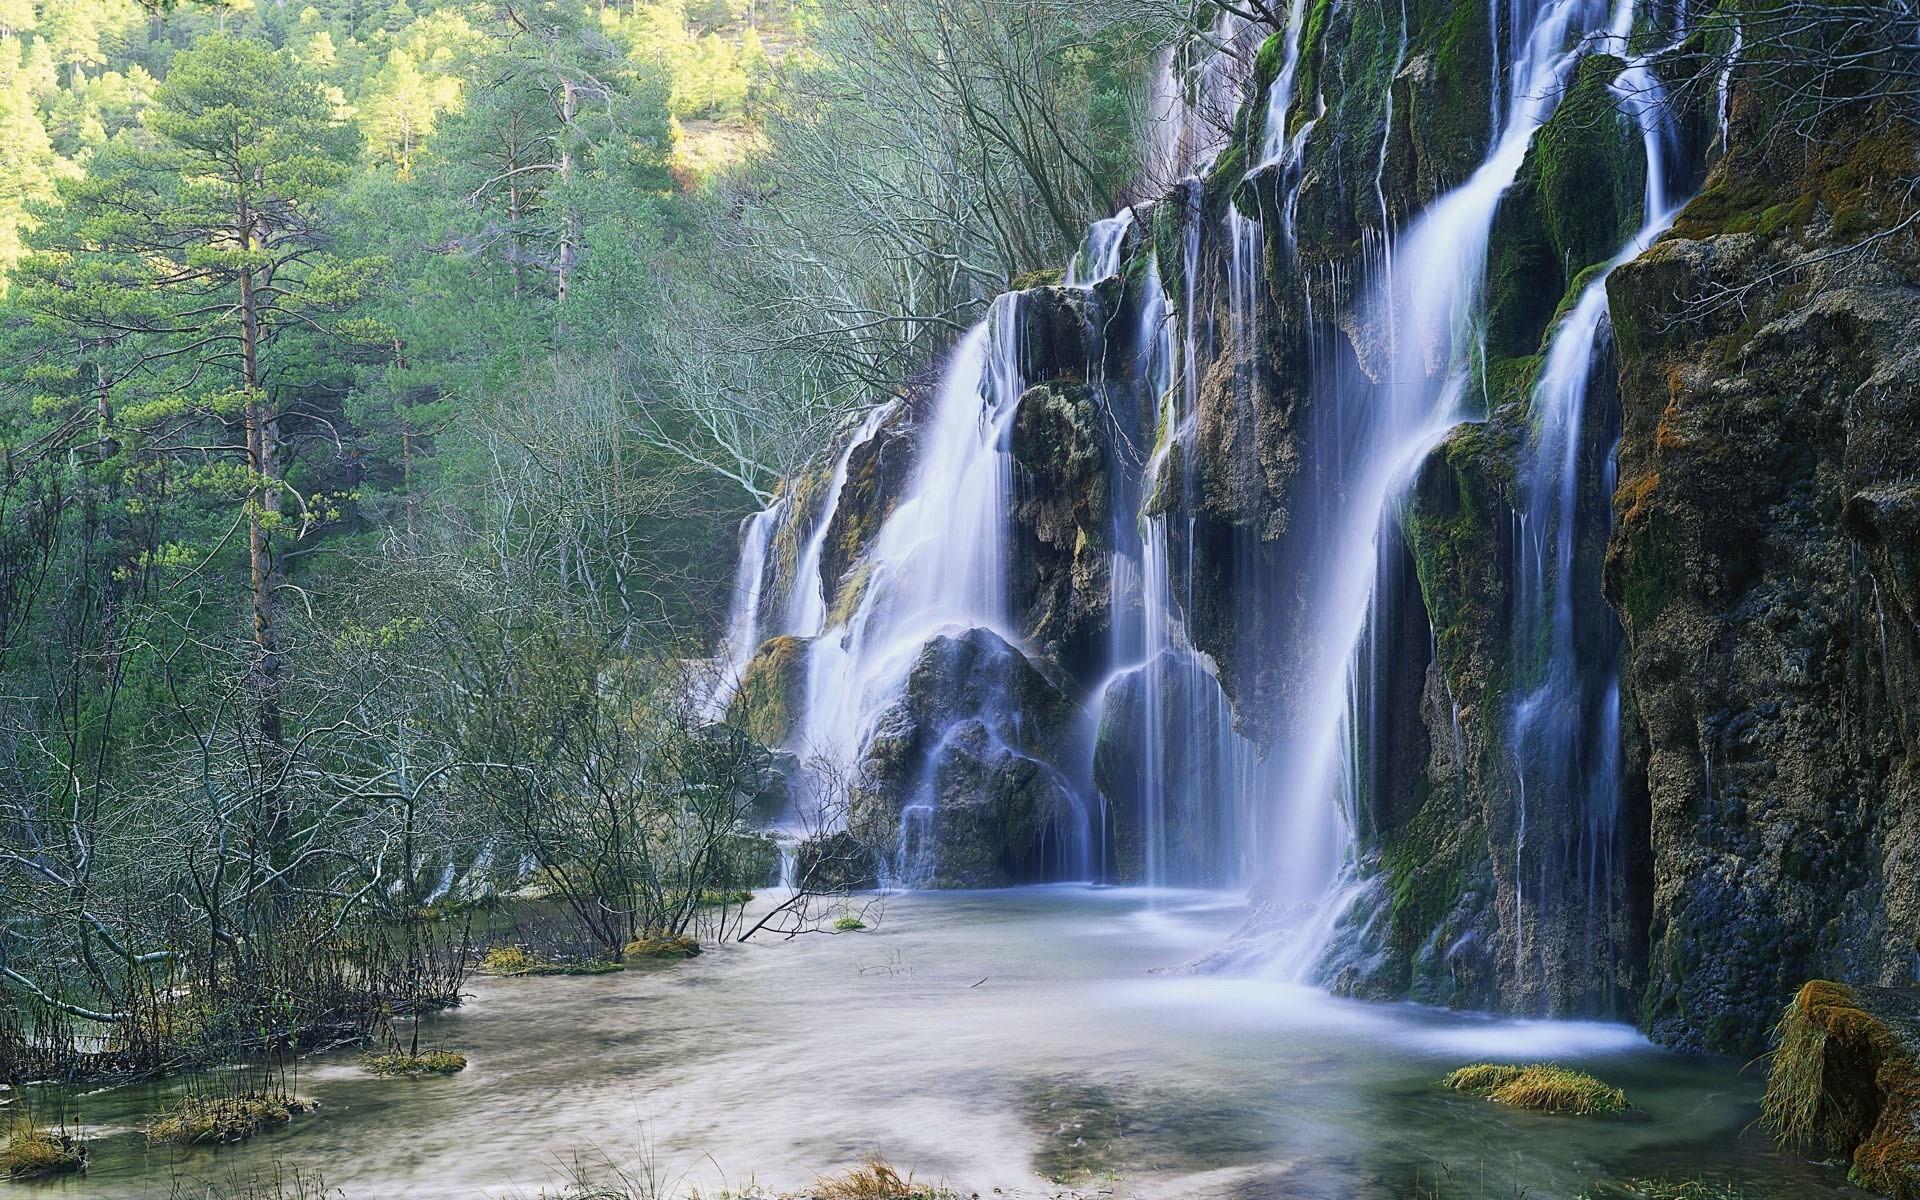 этот обои лесной водопад что